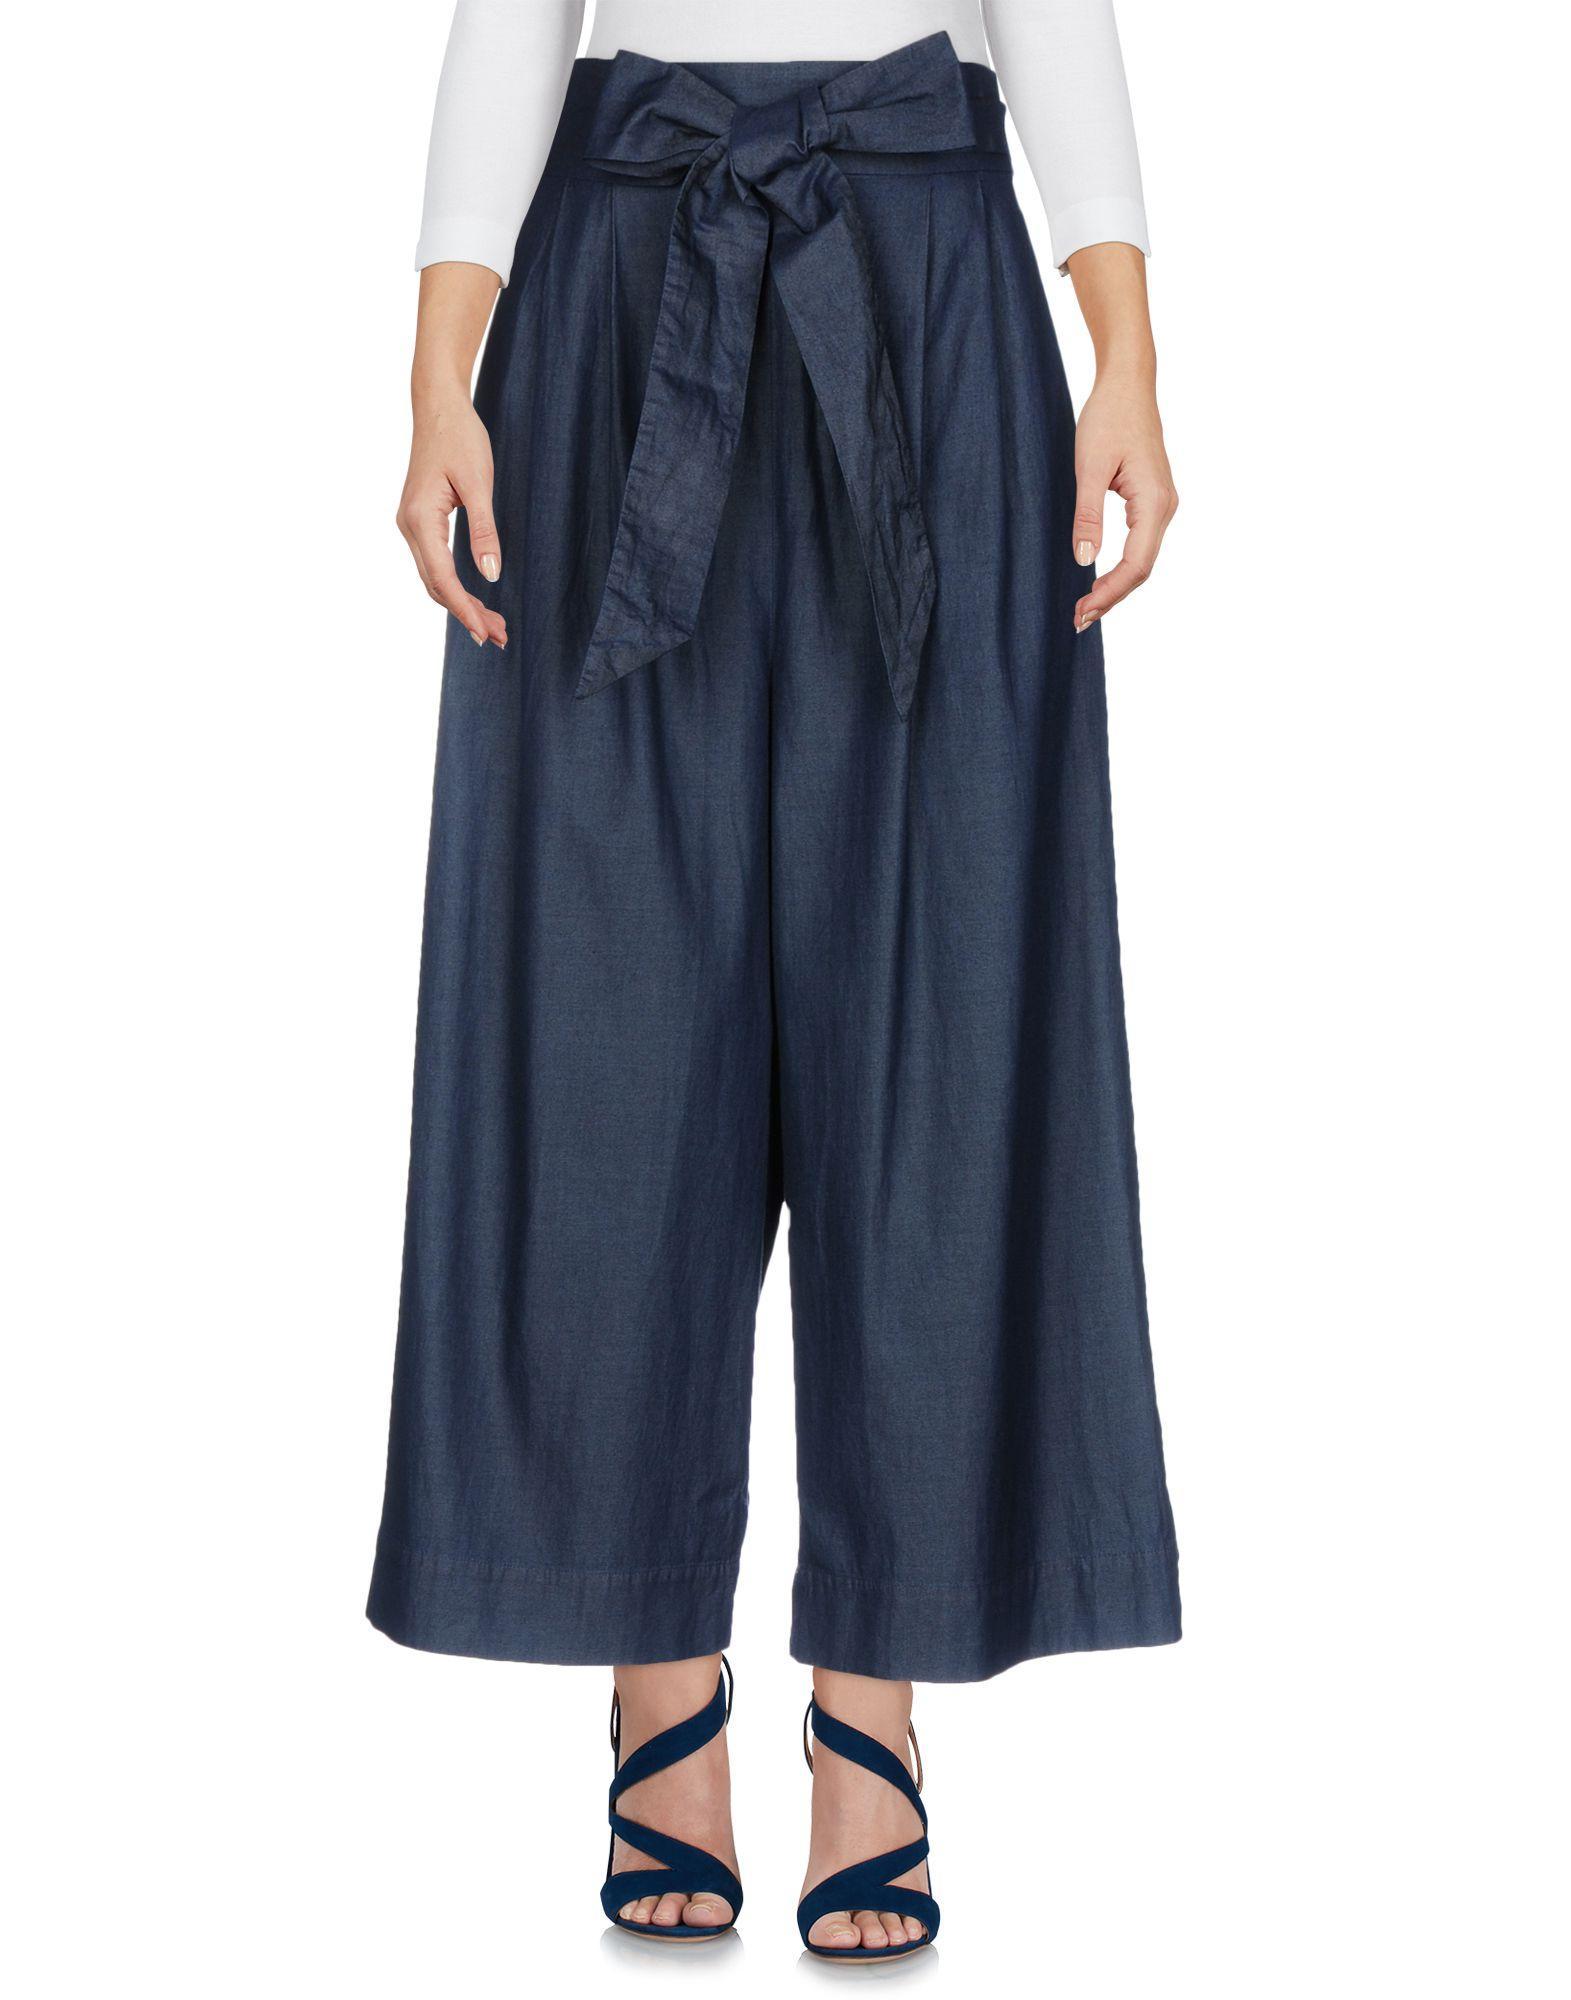 Tibi Jeans In Blue